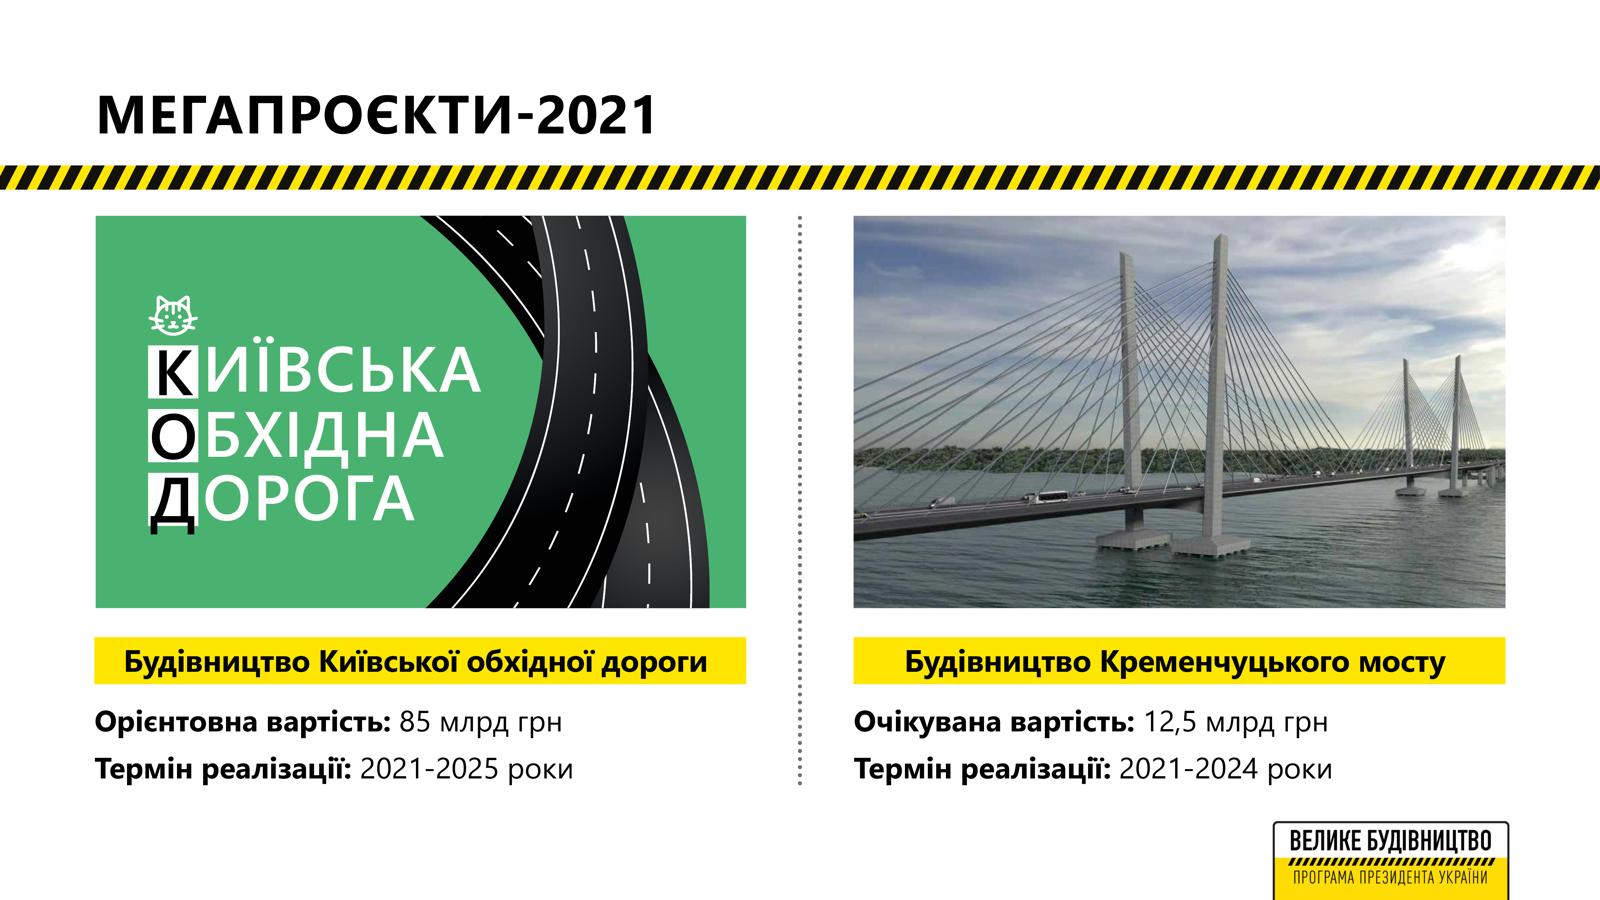 Киевская объездная дорога – новая трасса протяженностью почти 150 км и стоимостью почти в 85 млрд грн